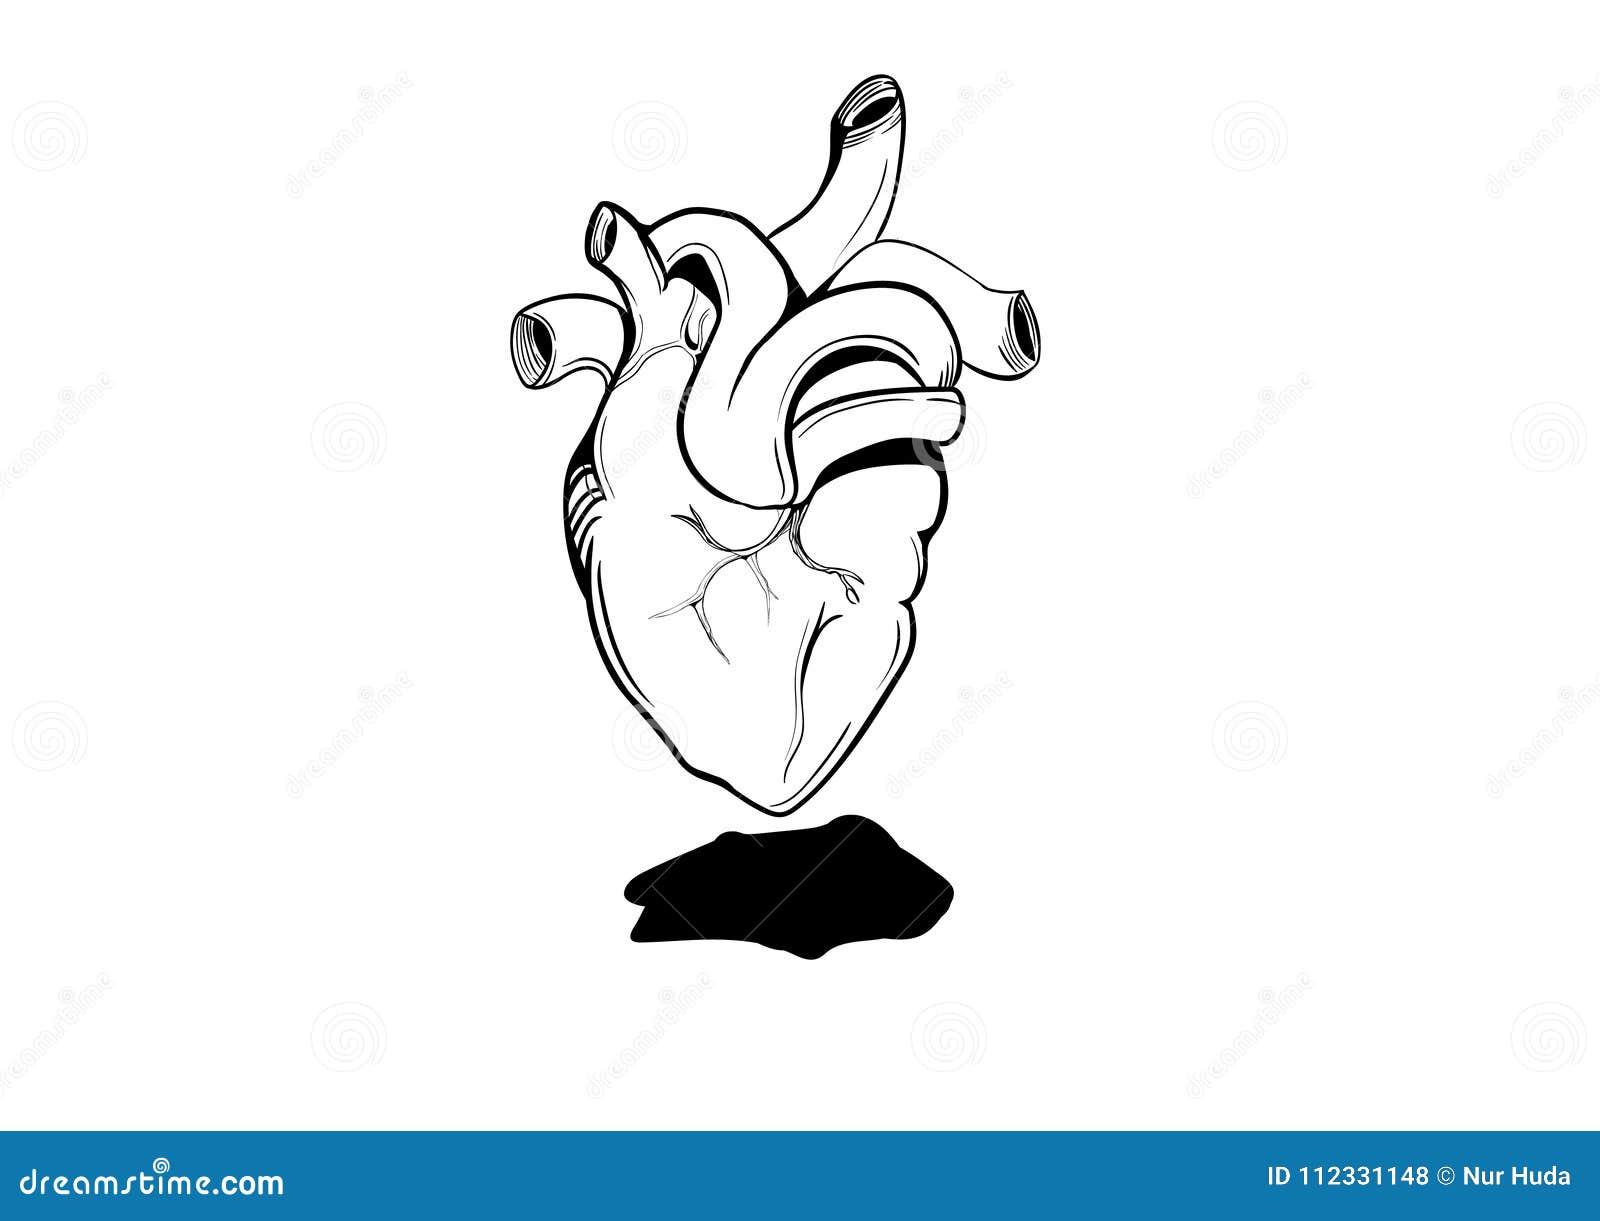 Corazón Humano De Dibujo Con El Estilo Del Garabato Para El Dibujo